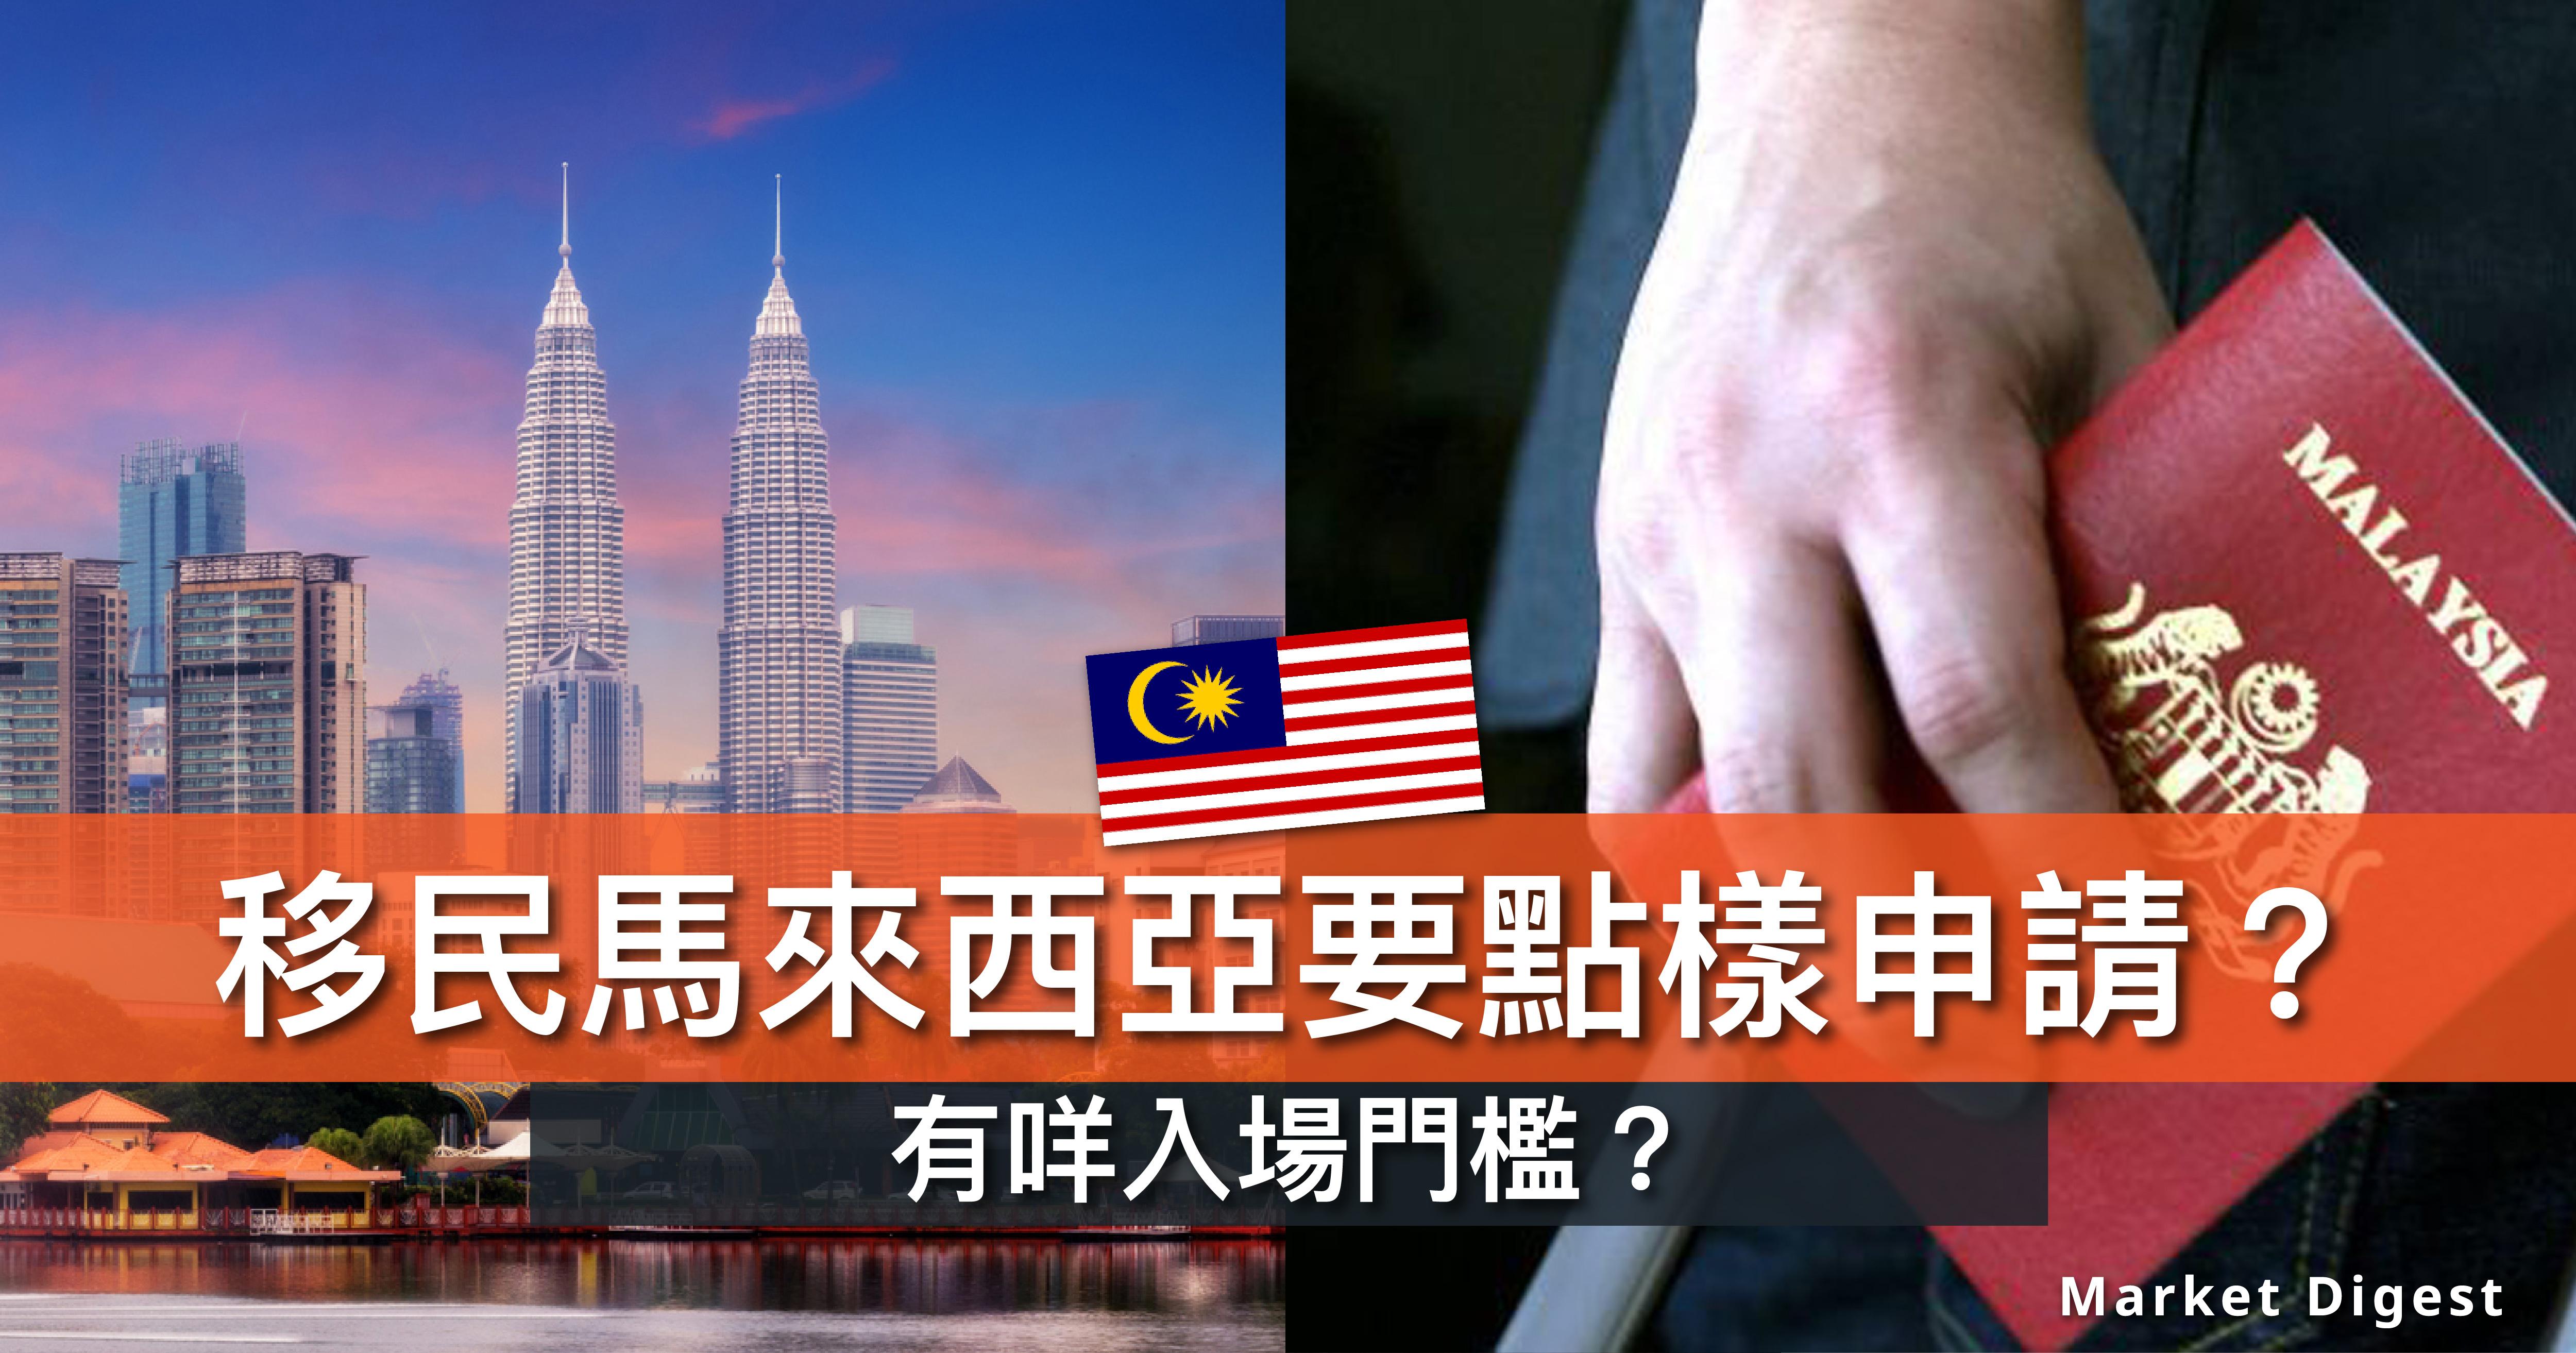 移民馬來西亞要點樣申請?有咩入場門檻?